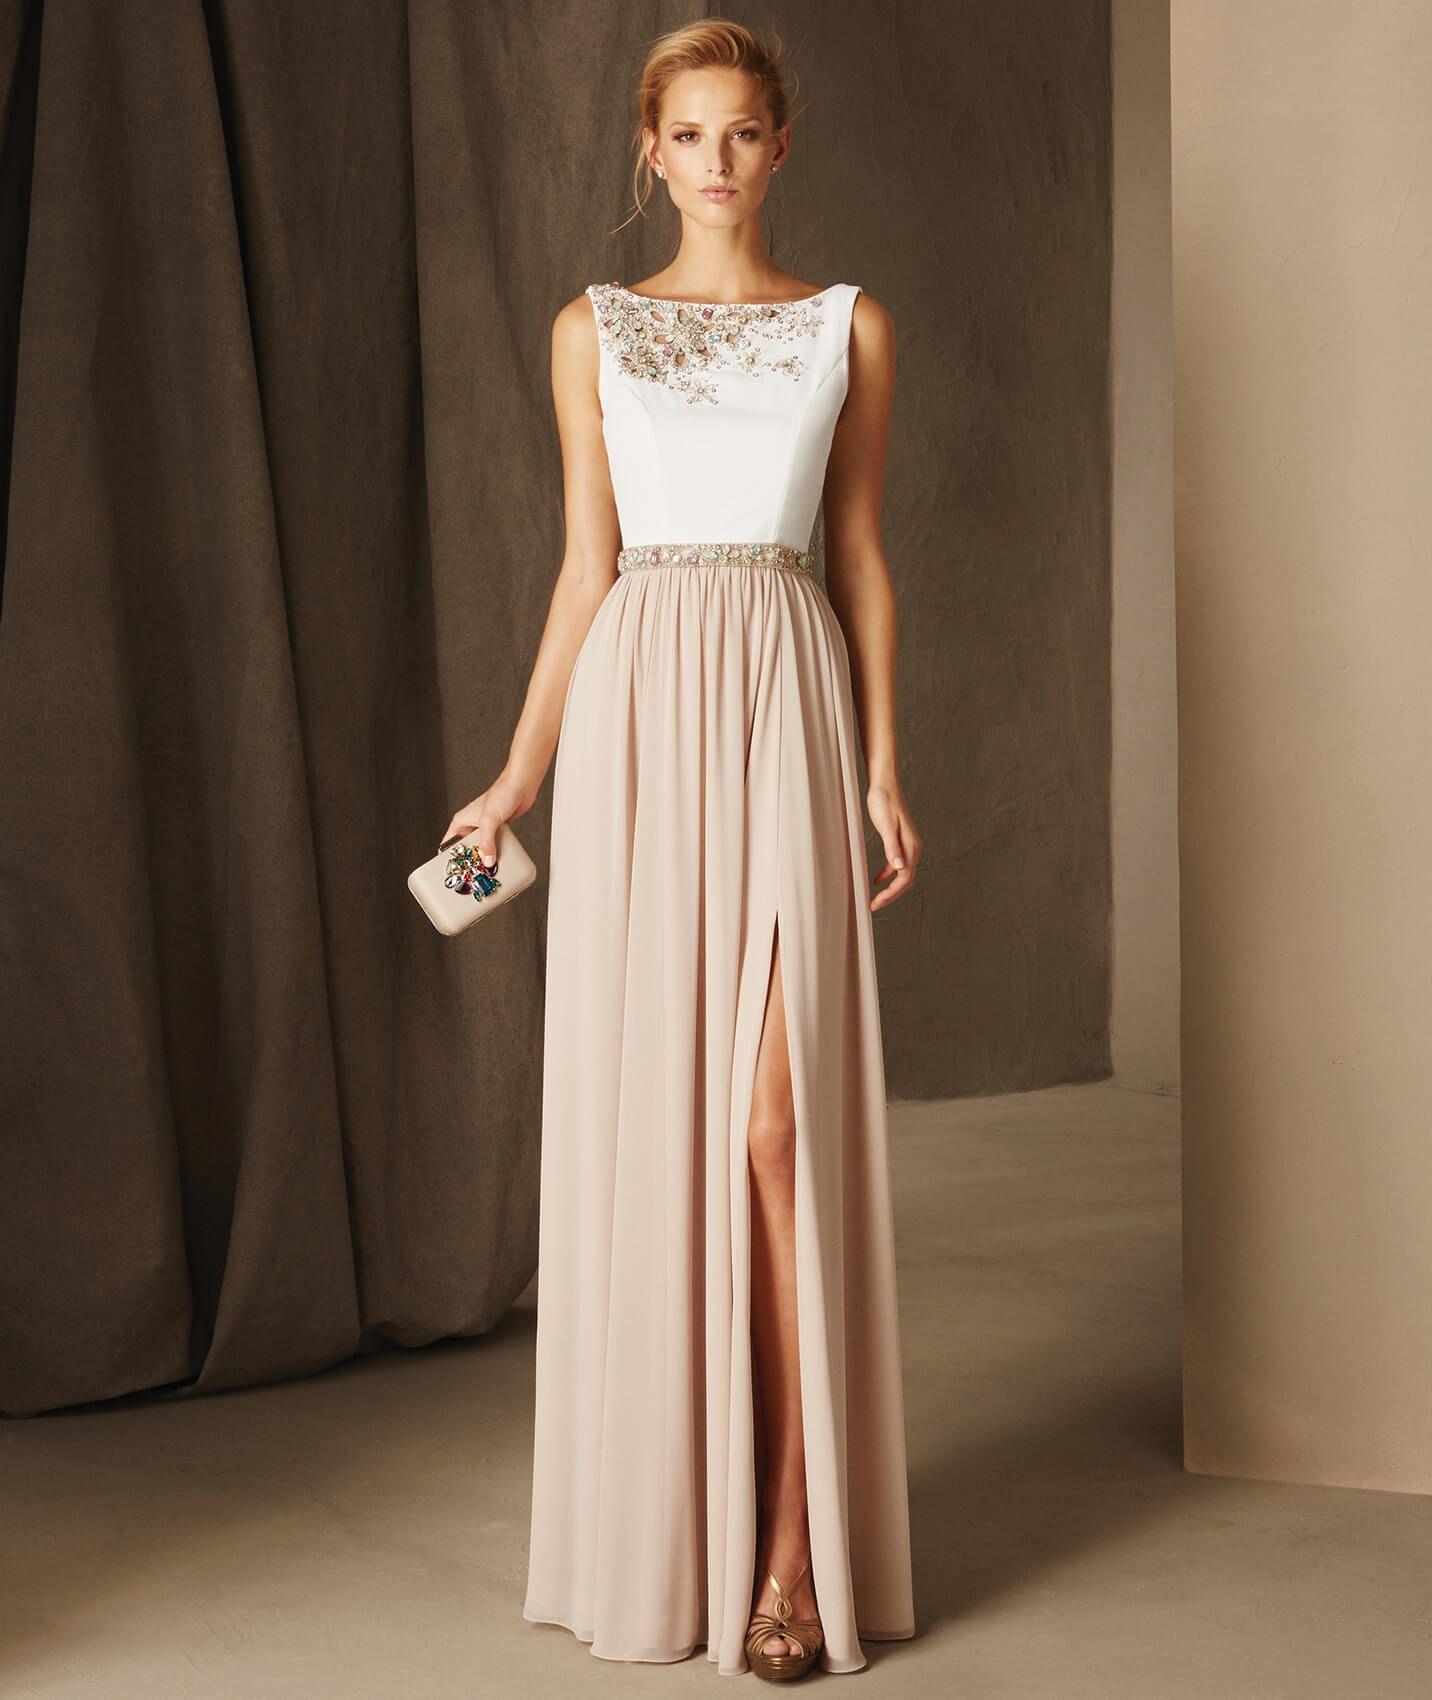 37c2c43116d 63 modelos de vestidos para madrinha de casamento inspiradores ...